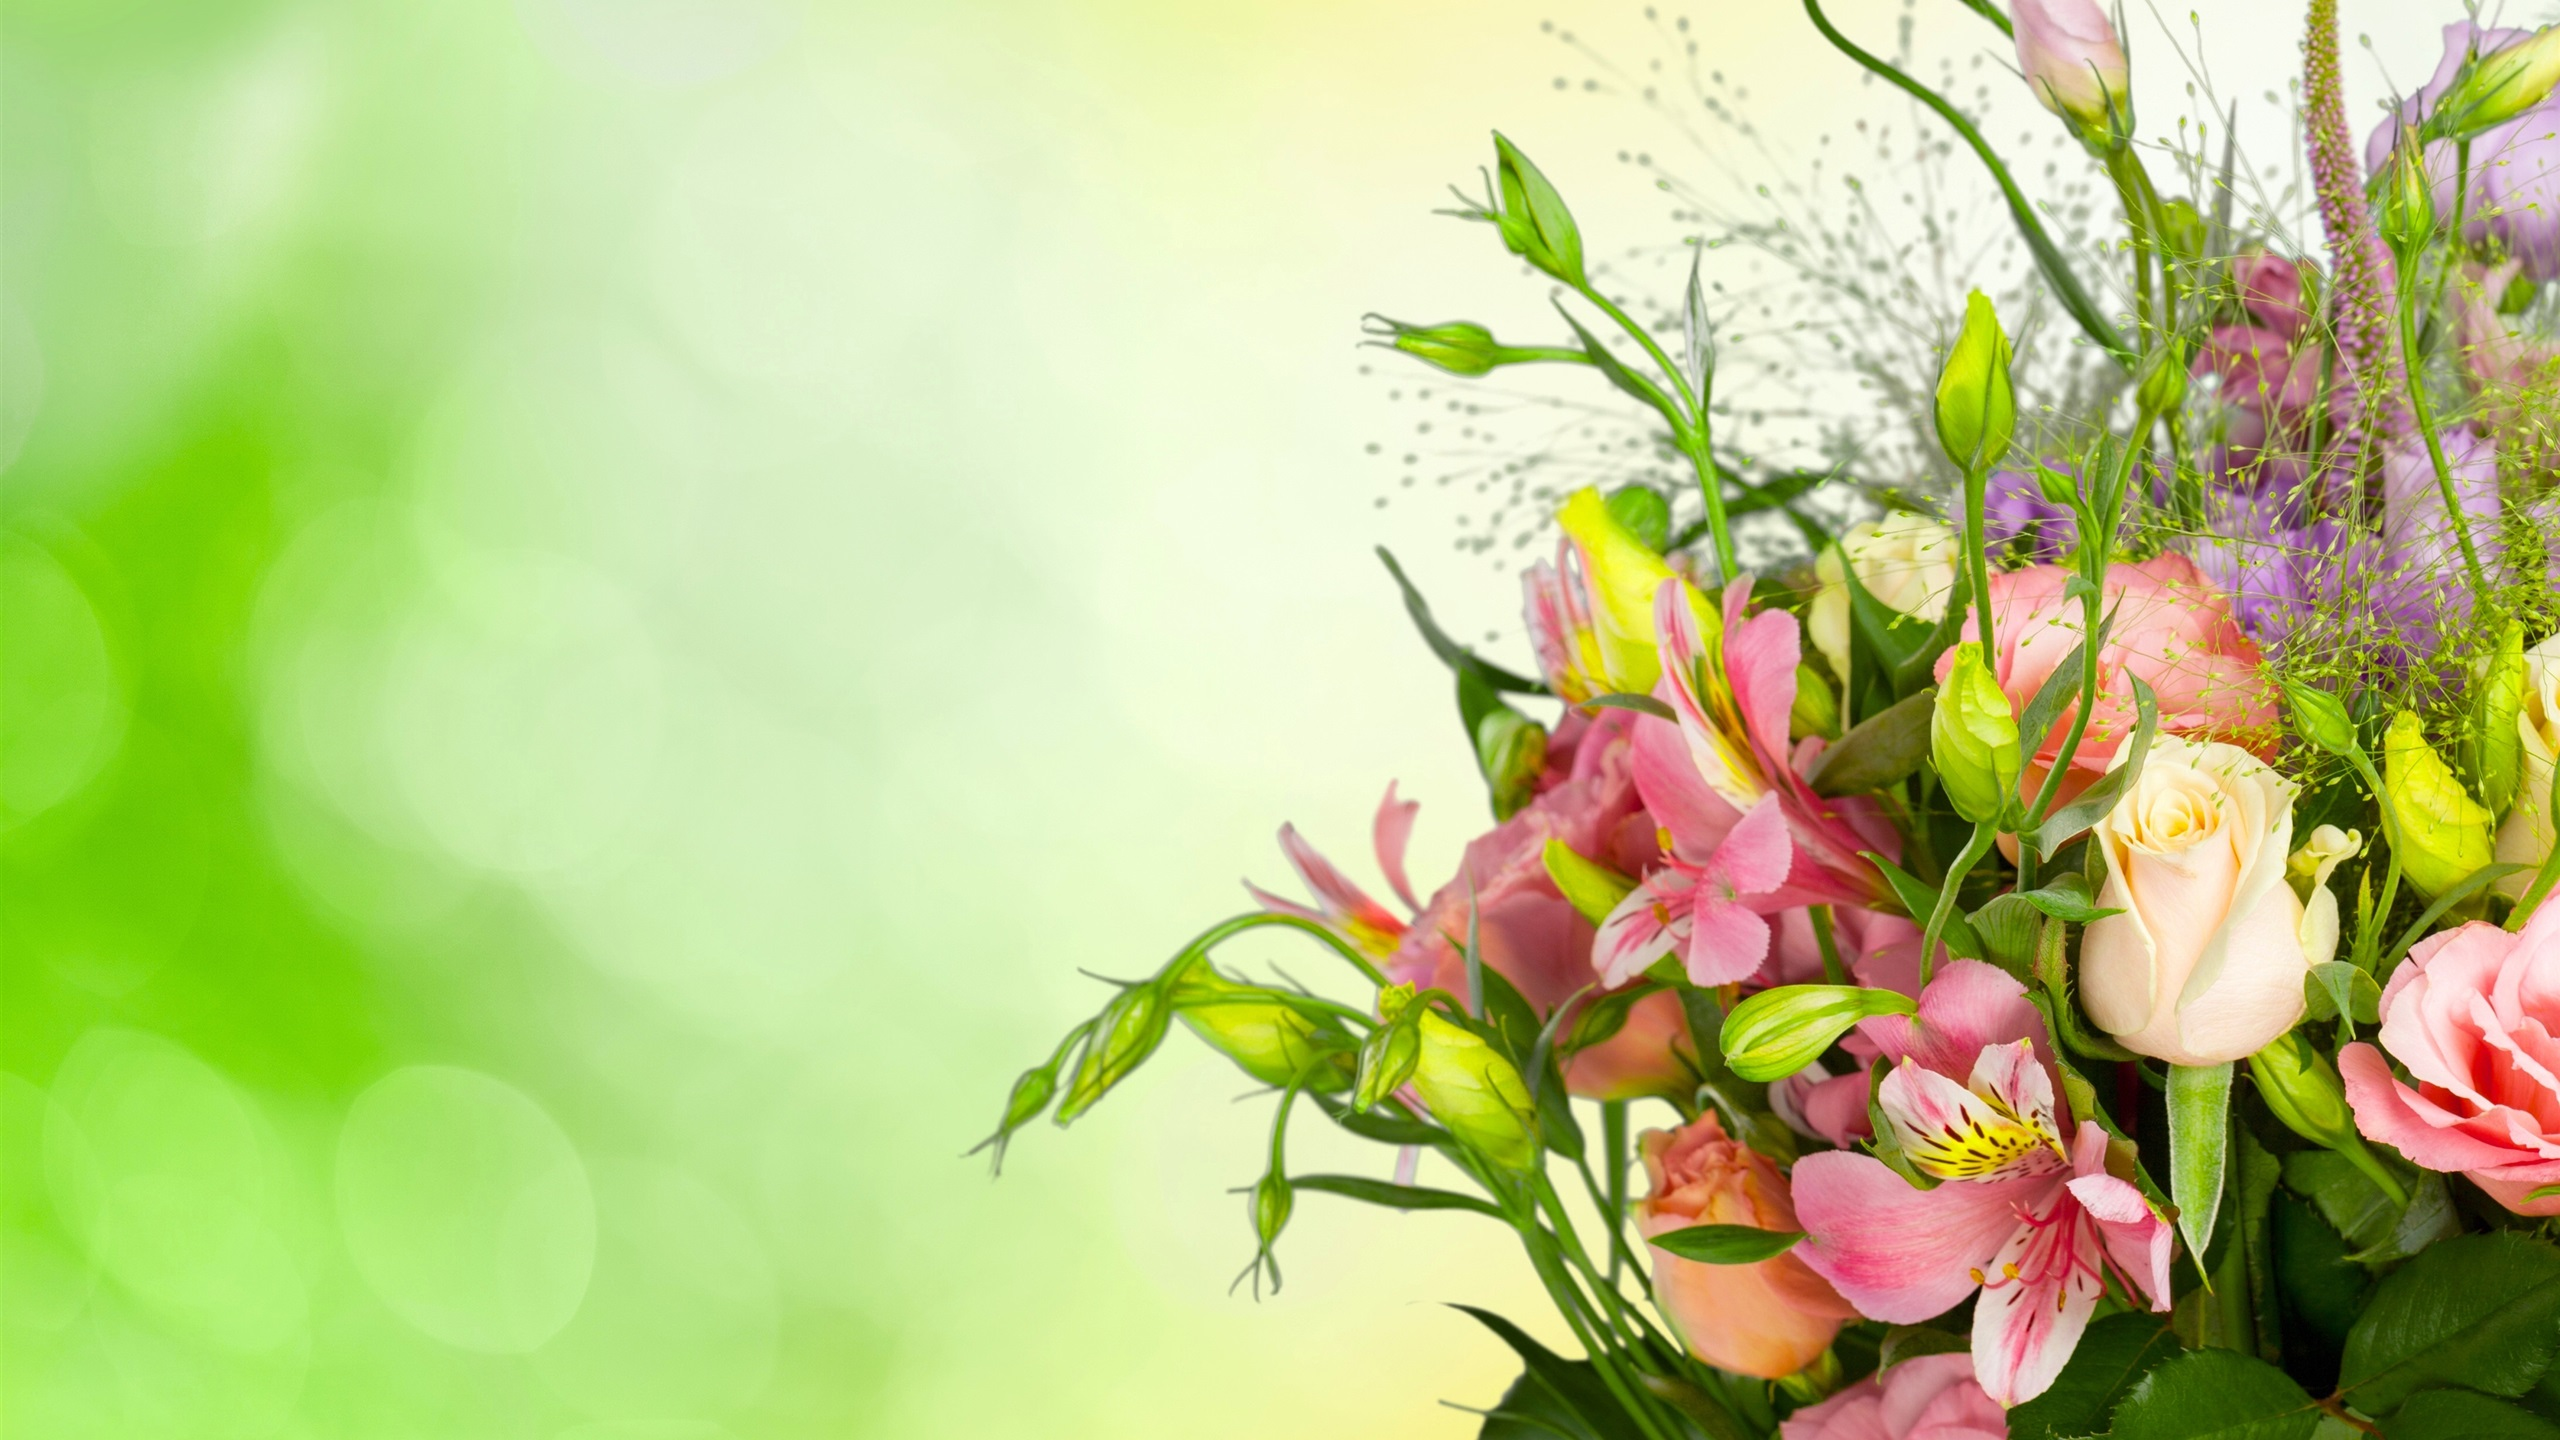 обои для рабочего стола цветы эустома № 631821 бесплатно